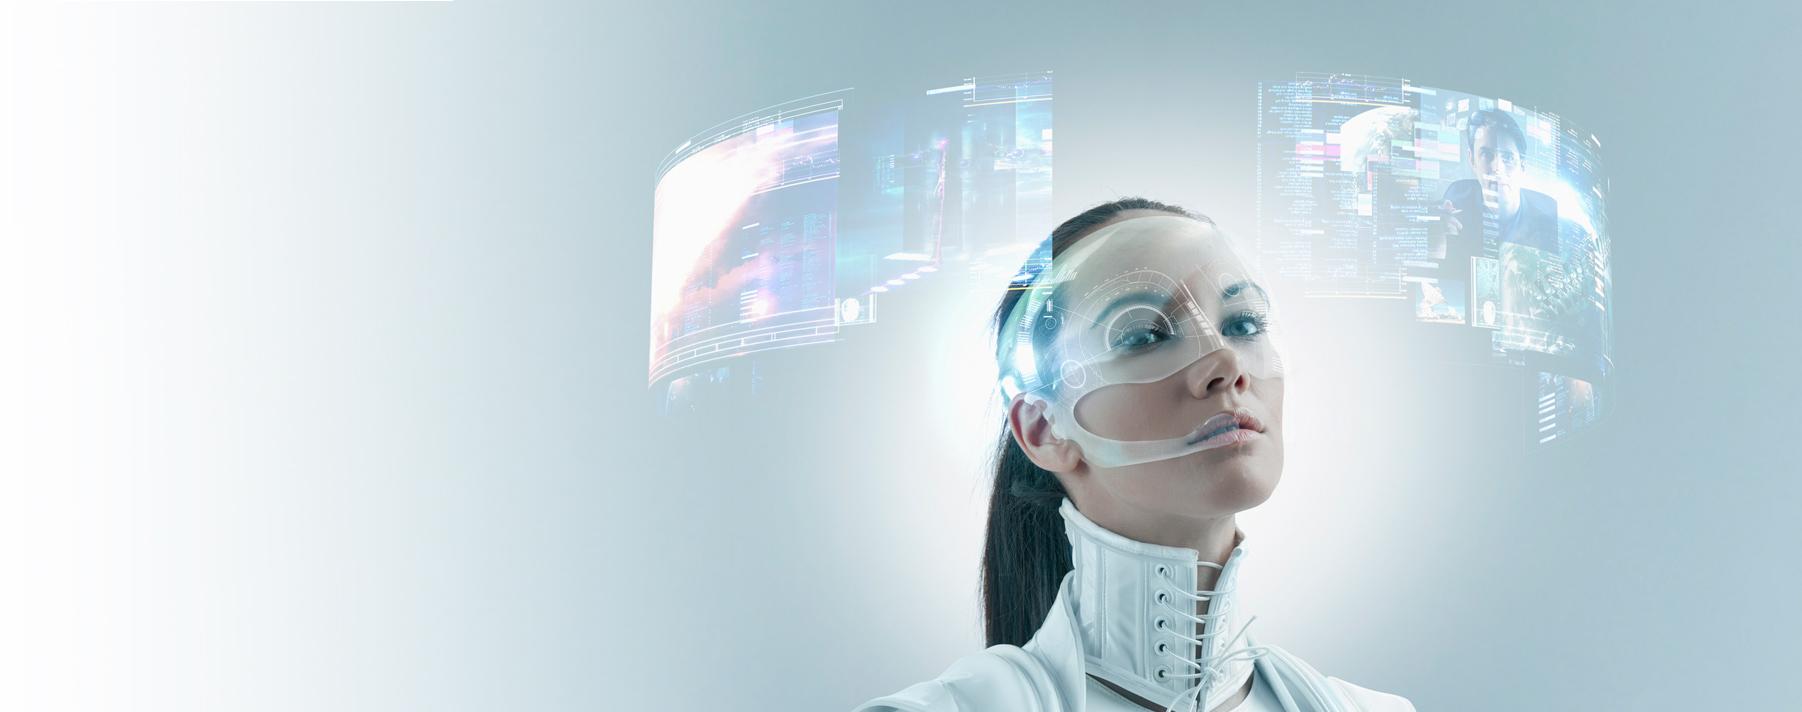 La Inteligencia Artificial y el mundo bursátil hacen 'match'